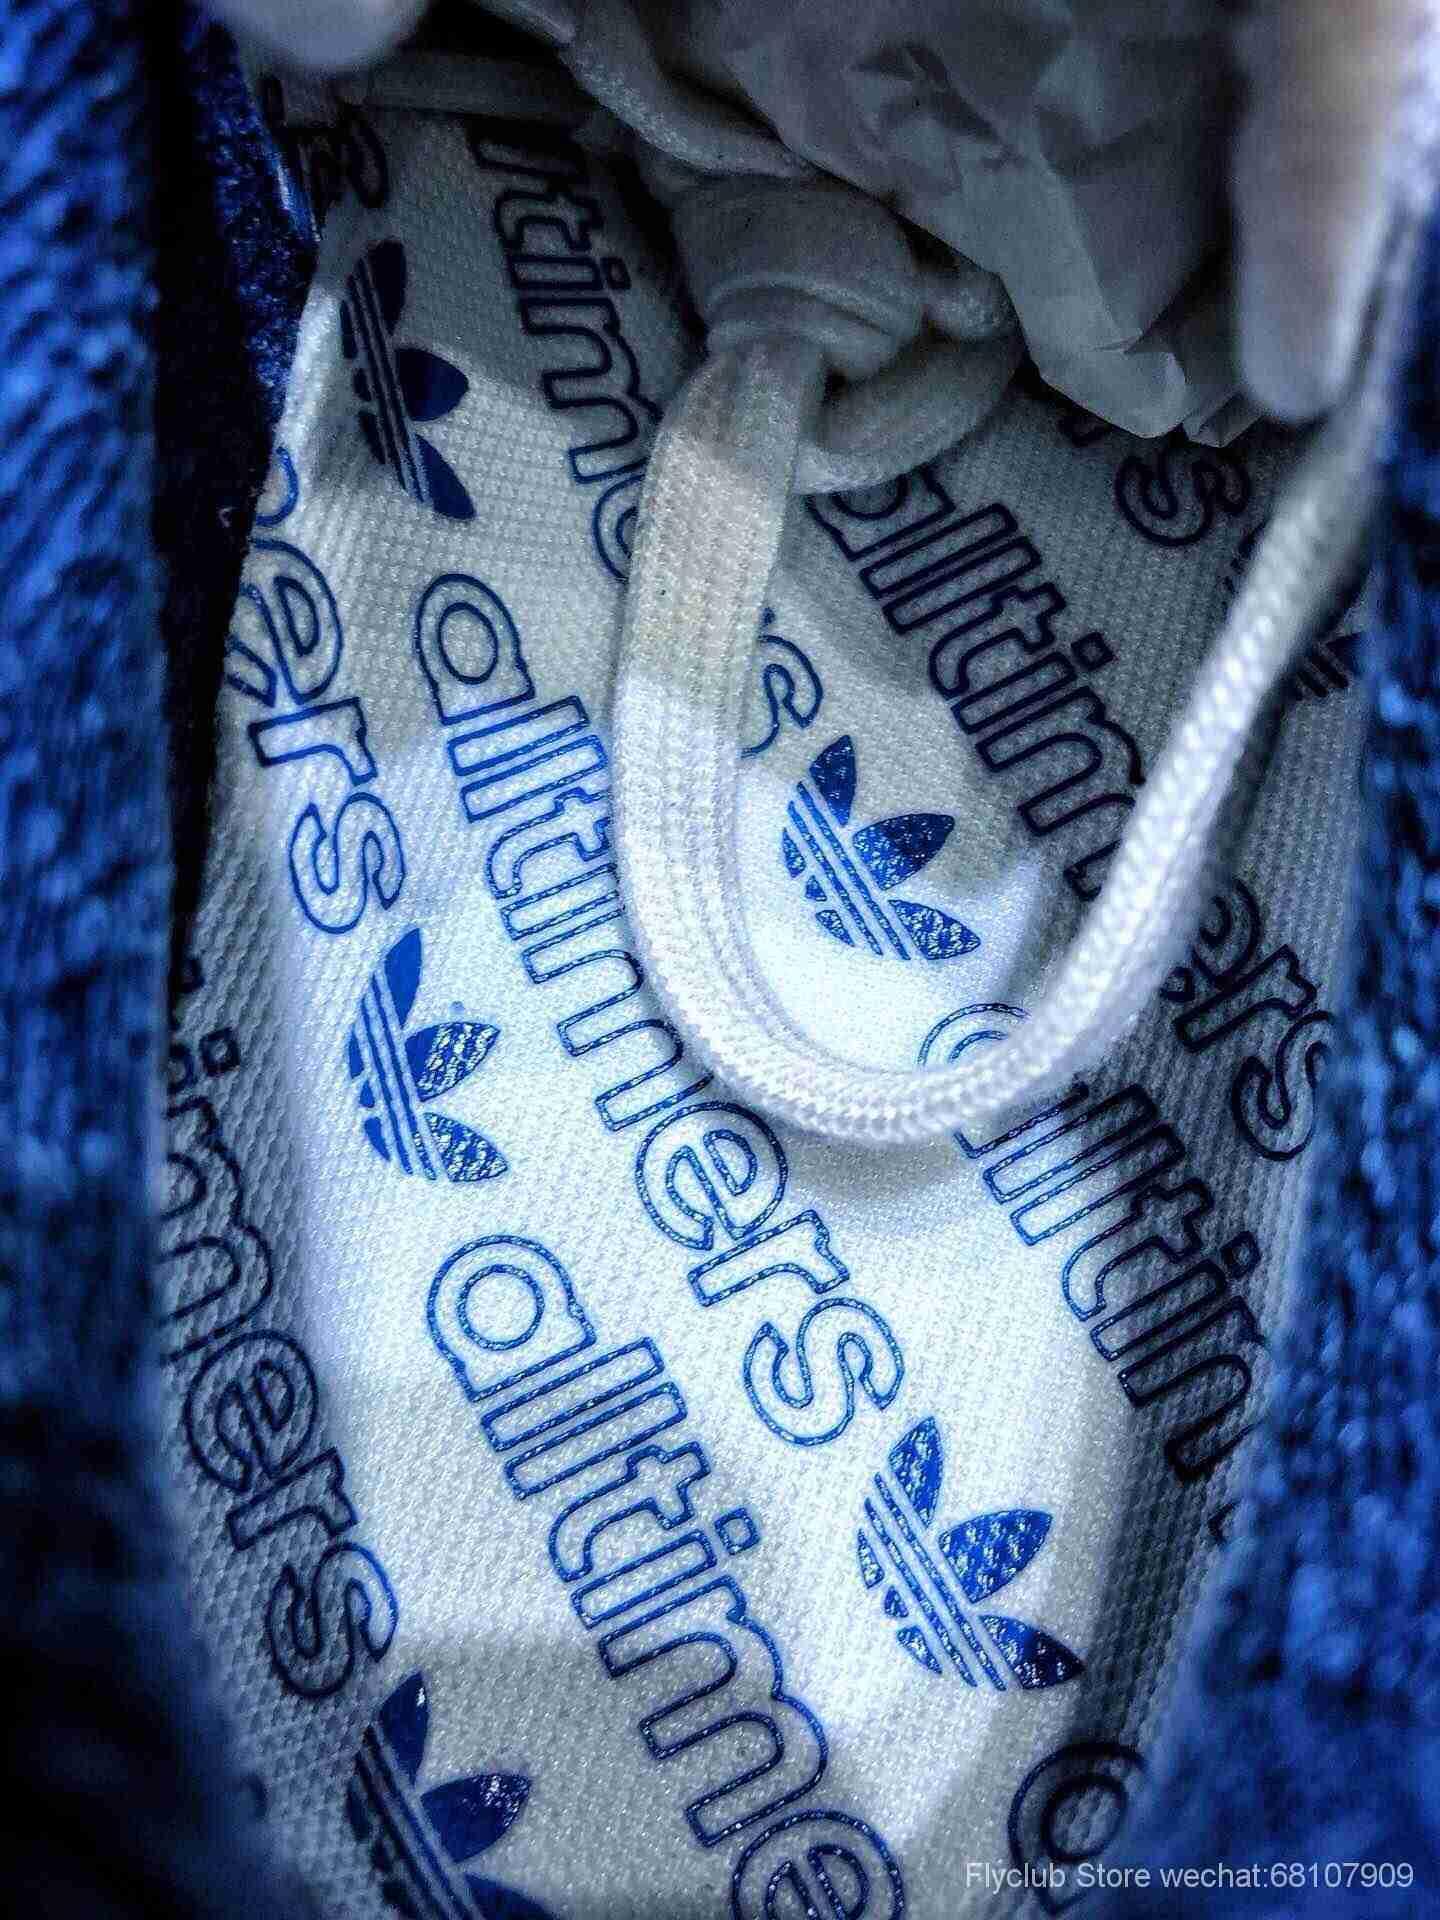 💰259正品福利 ‼️Adidas/三叶草  纽约滑板老牌联名 100%过验, Alltimers x Adidas Campus VULC  上海SJ仓实体正品订单